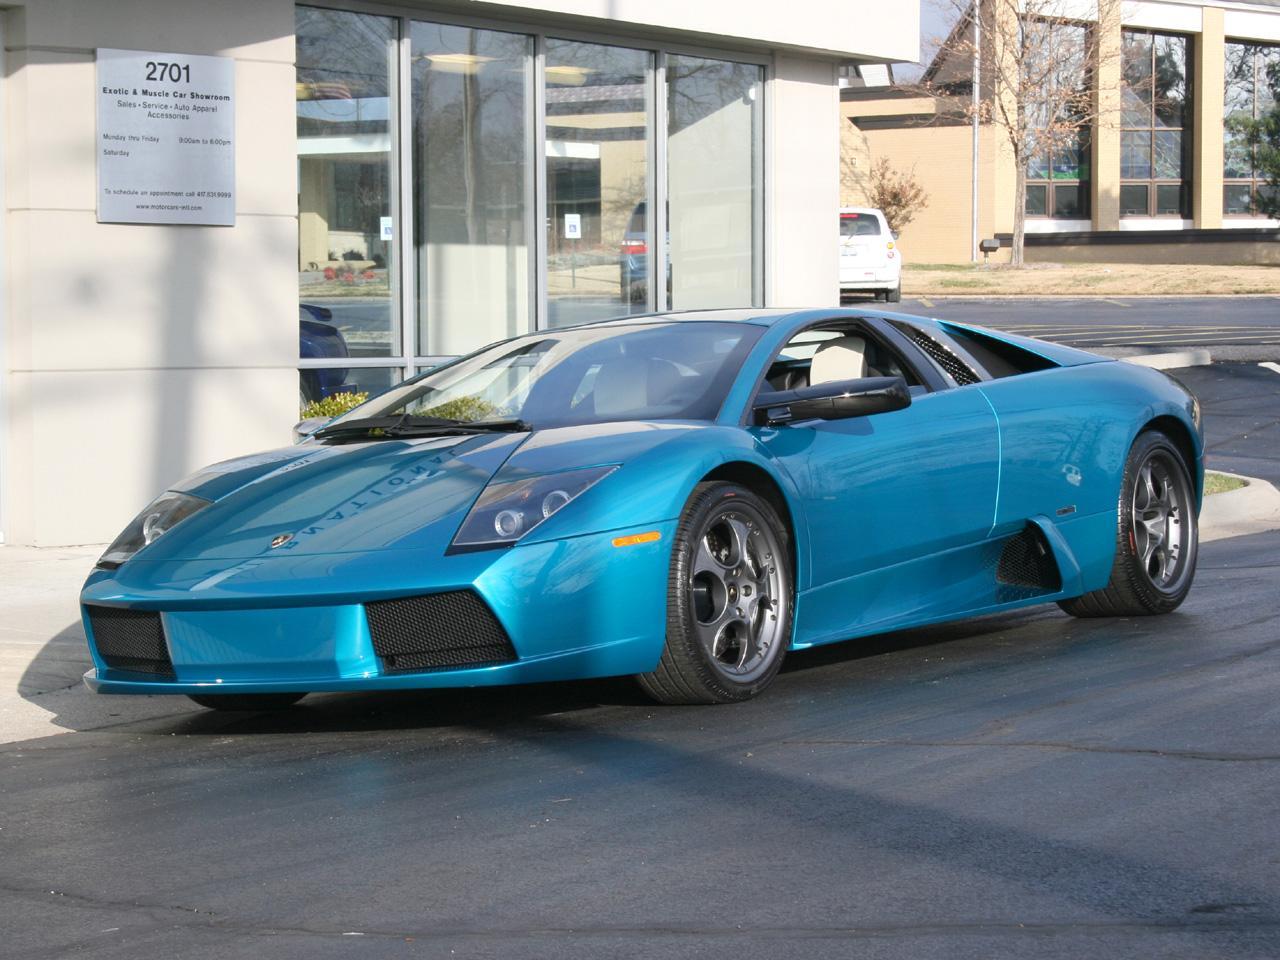 Auto- & Verkehrsmodelle Lamborghini Murciélago 40th Anniversary 2003